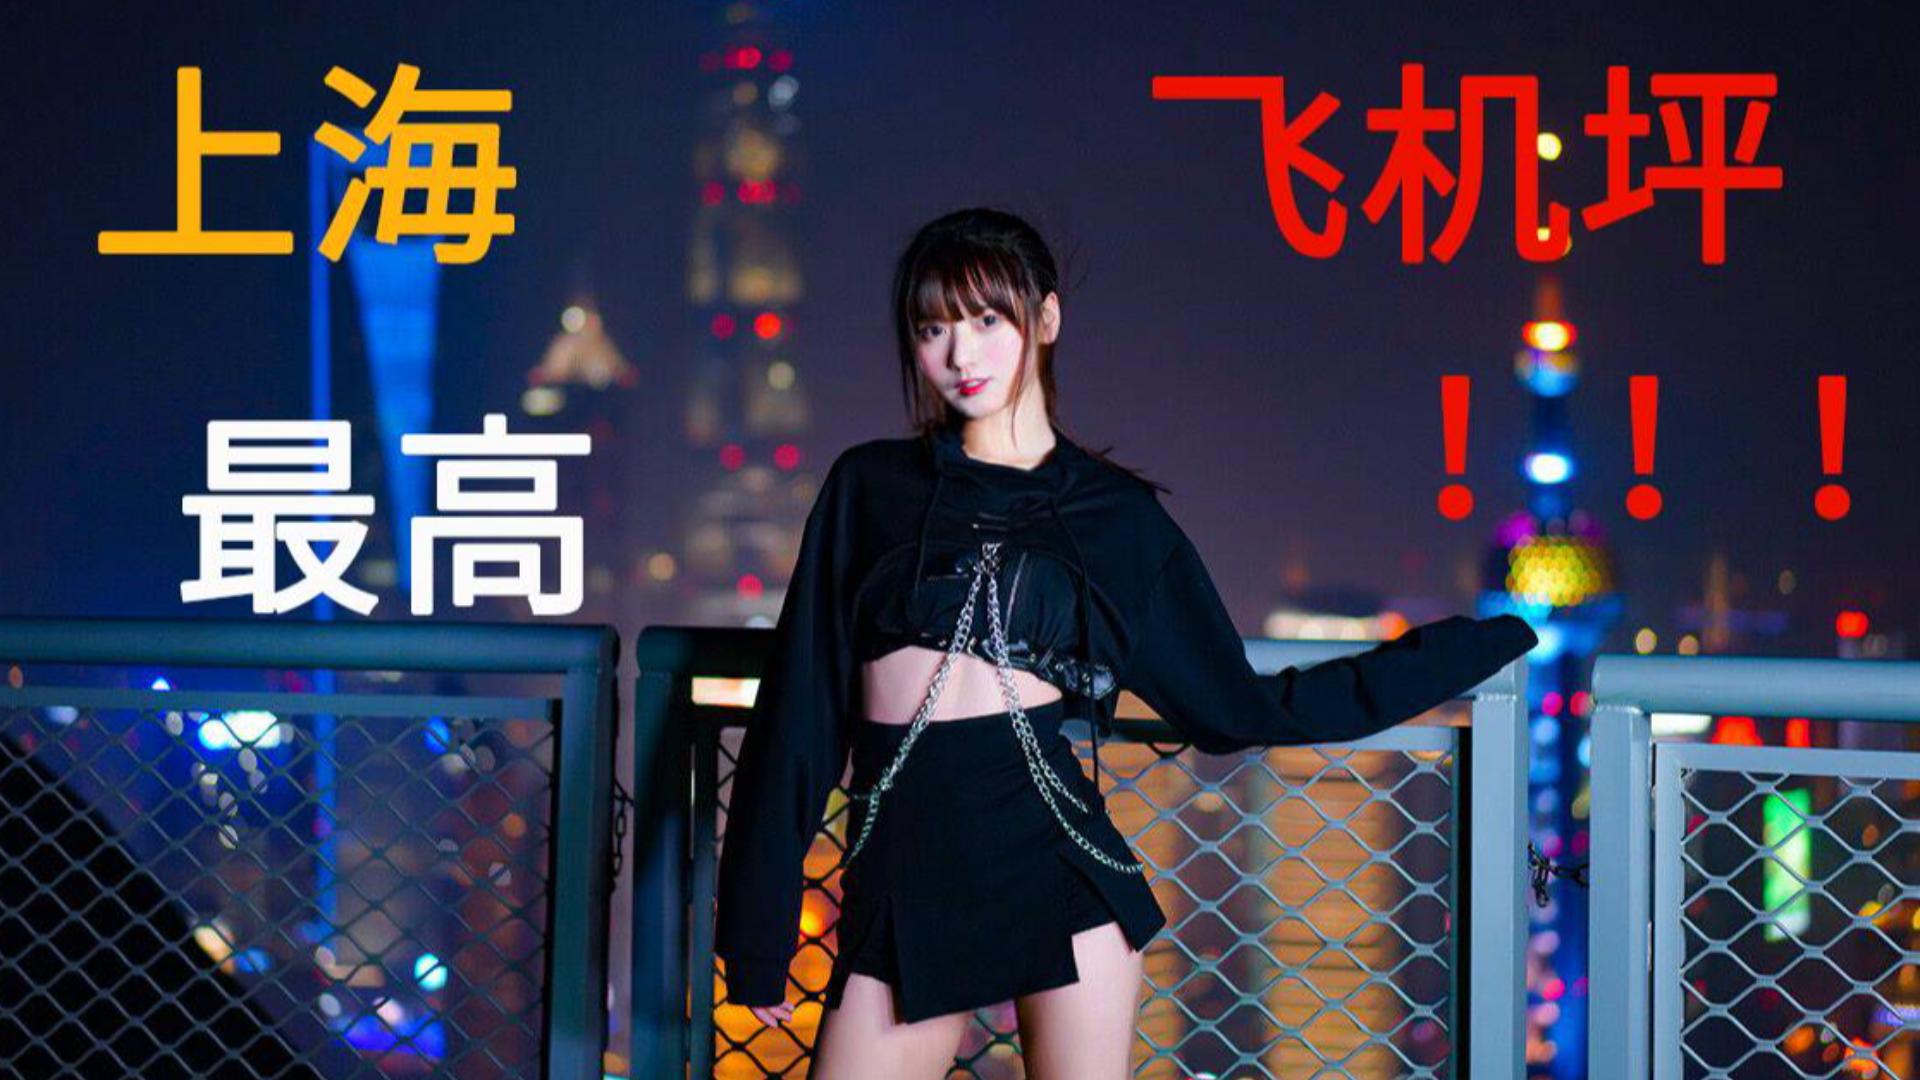 【Kyokyo】 在上海最高飞机坪跳舞什么体验!【Kill this love】